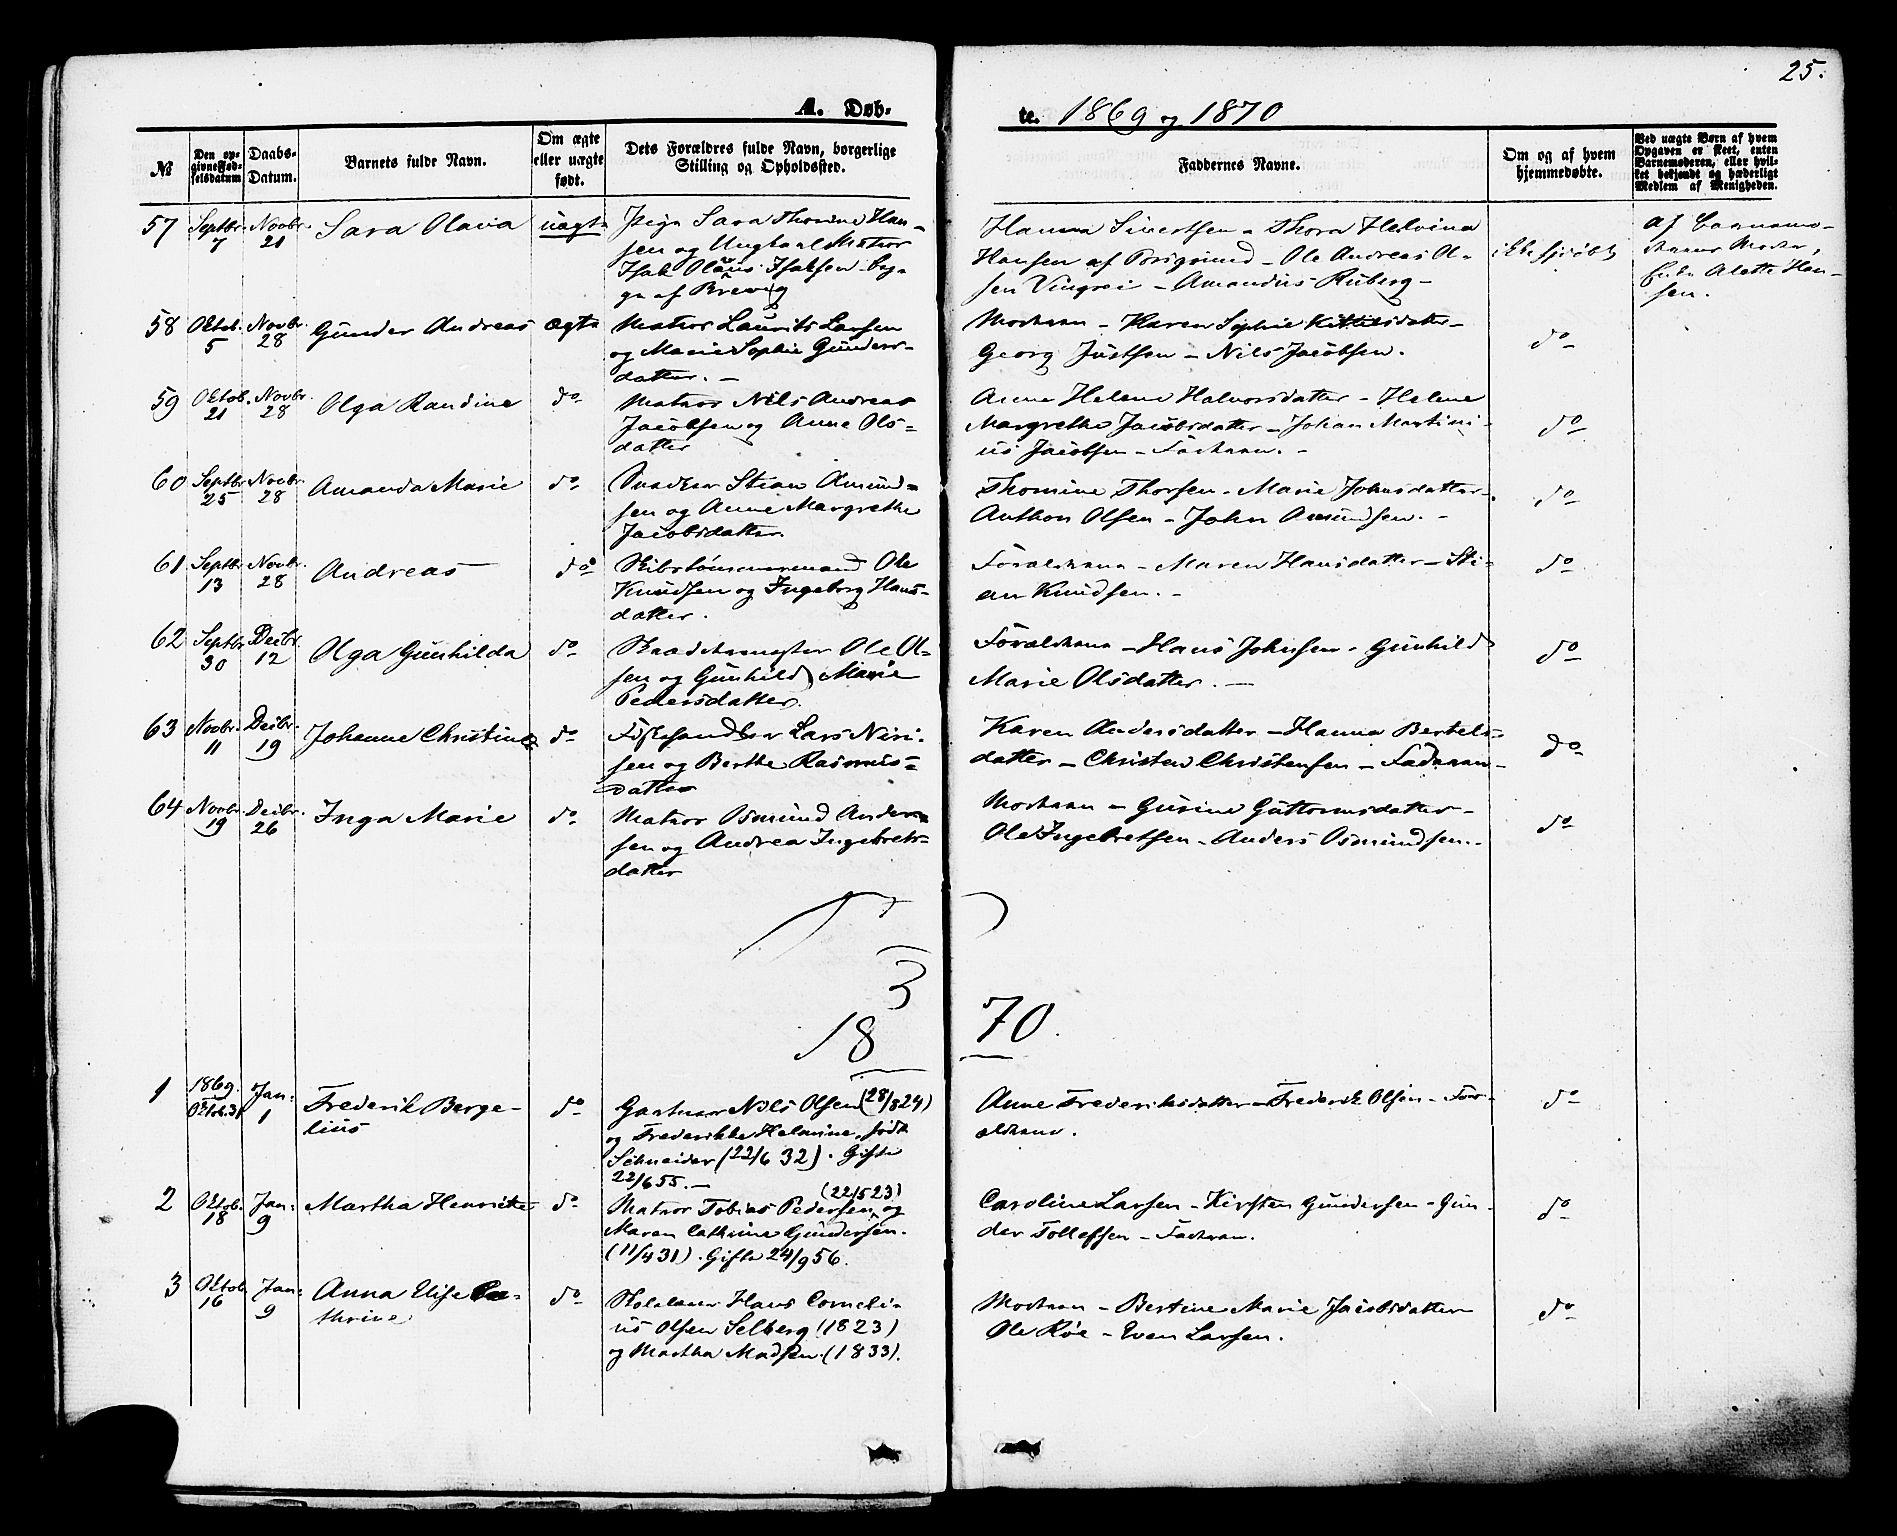 SAKO, Brevik kirkebøker, F/Fa/L0006: Ministerialbok nr. 6, 1866-1881, s. 25